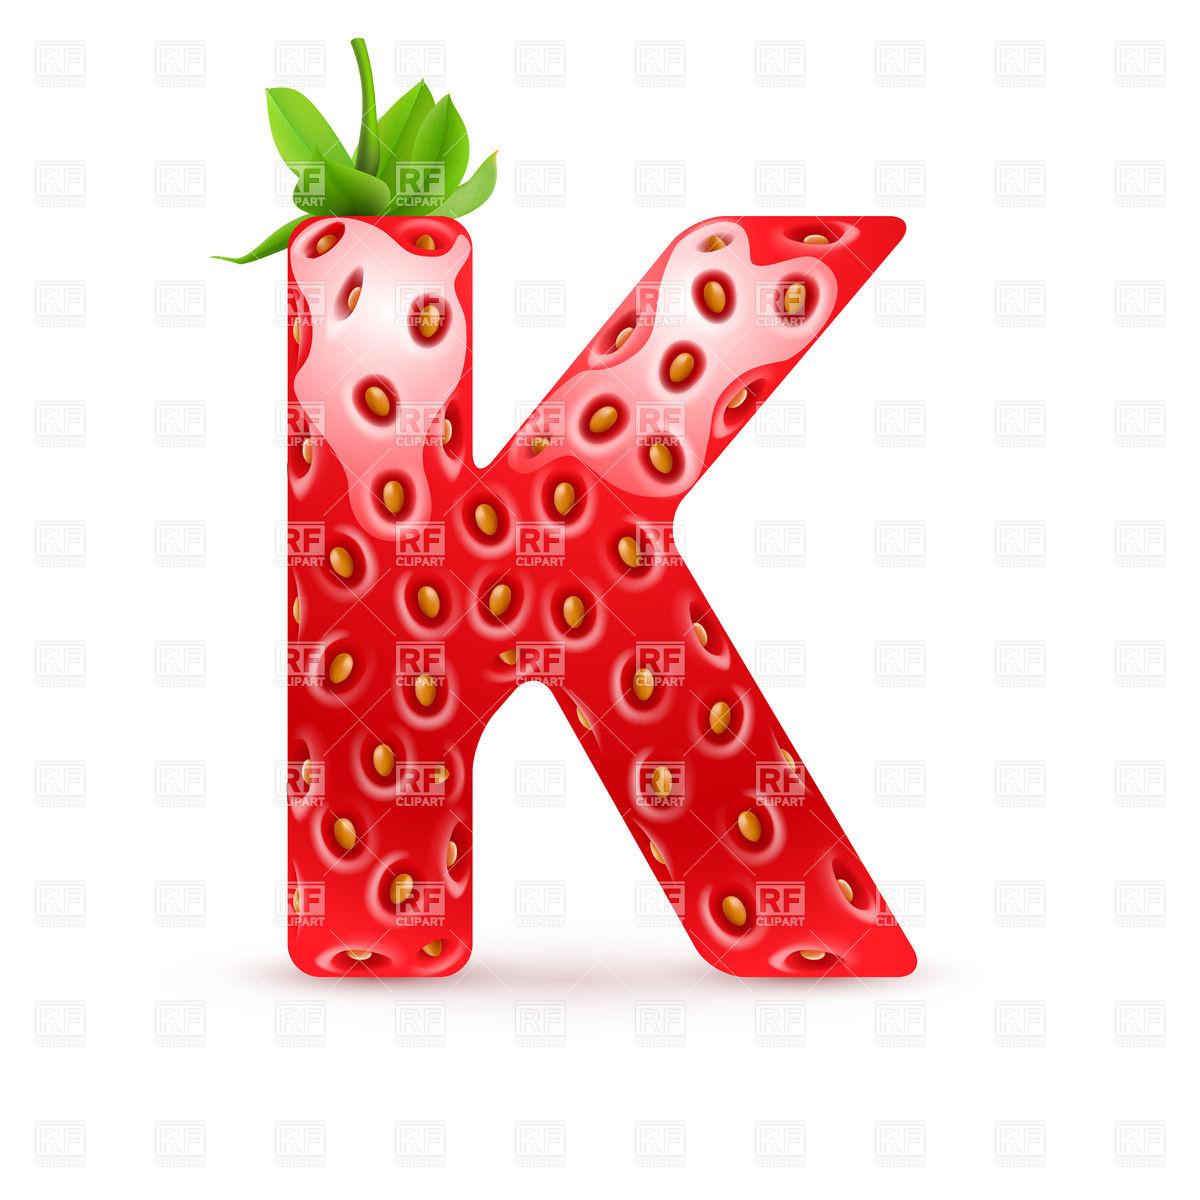 K clipartfox dfedefaac . Clipart alphabet letter e on burlap